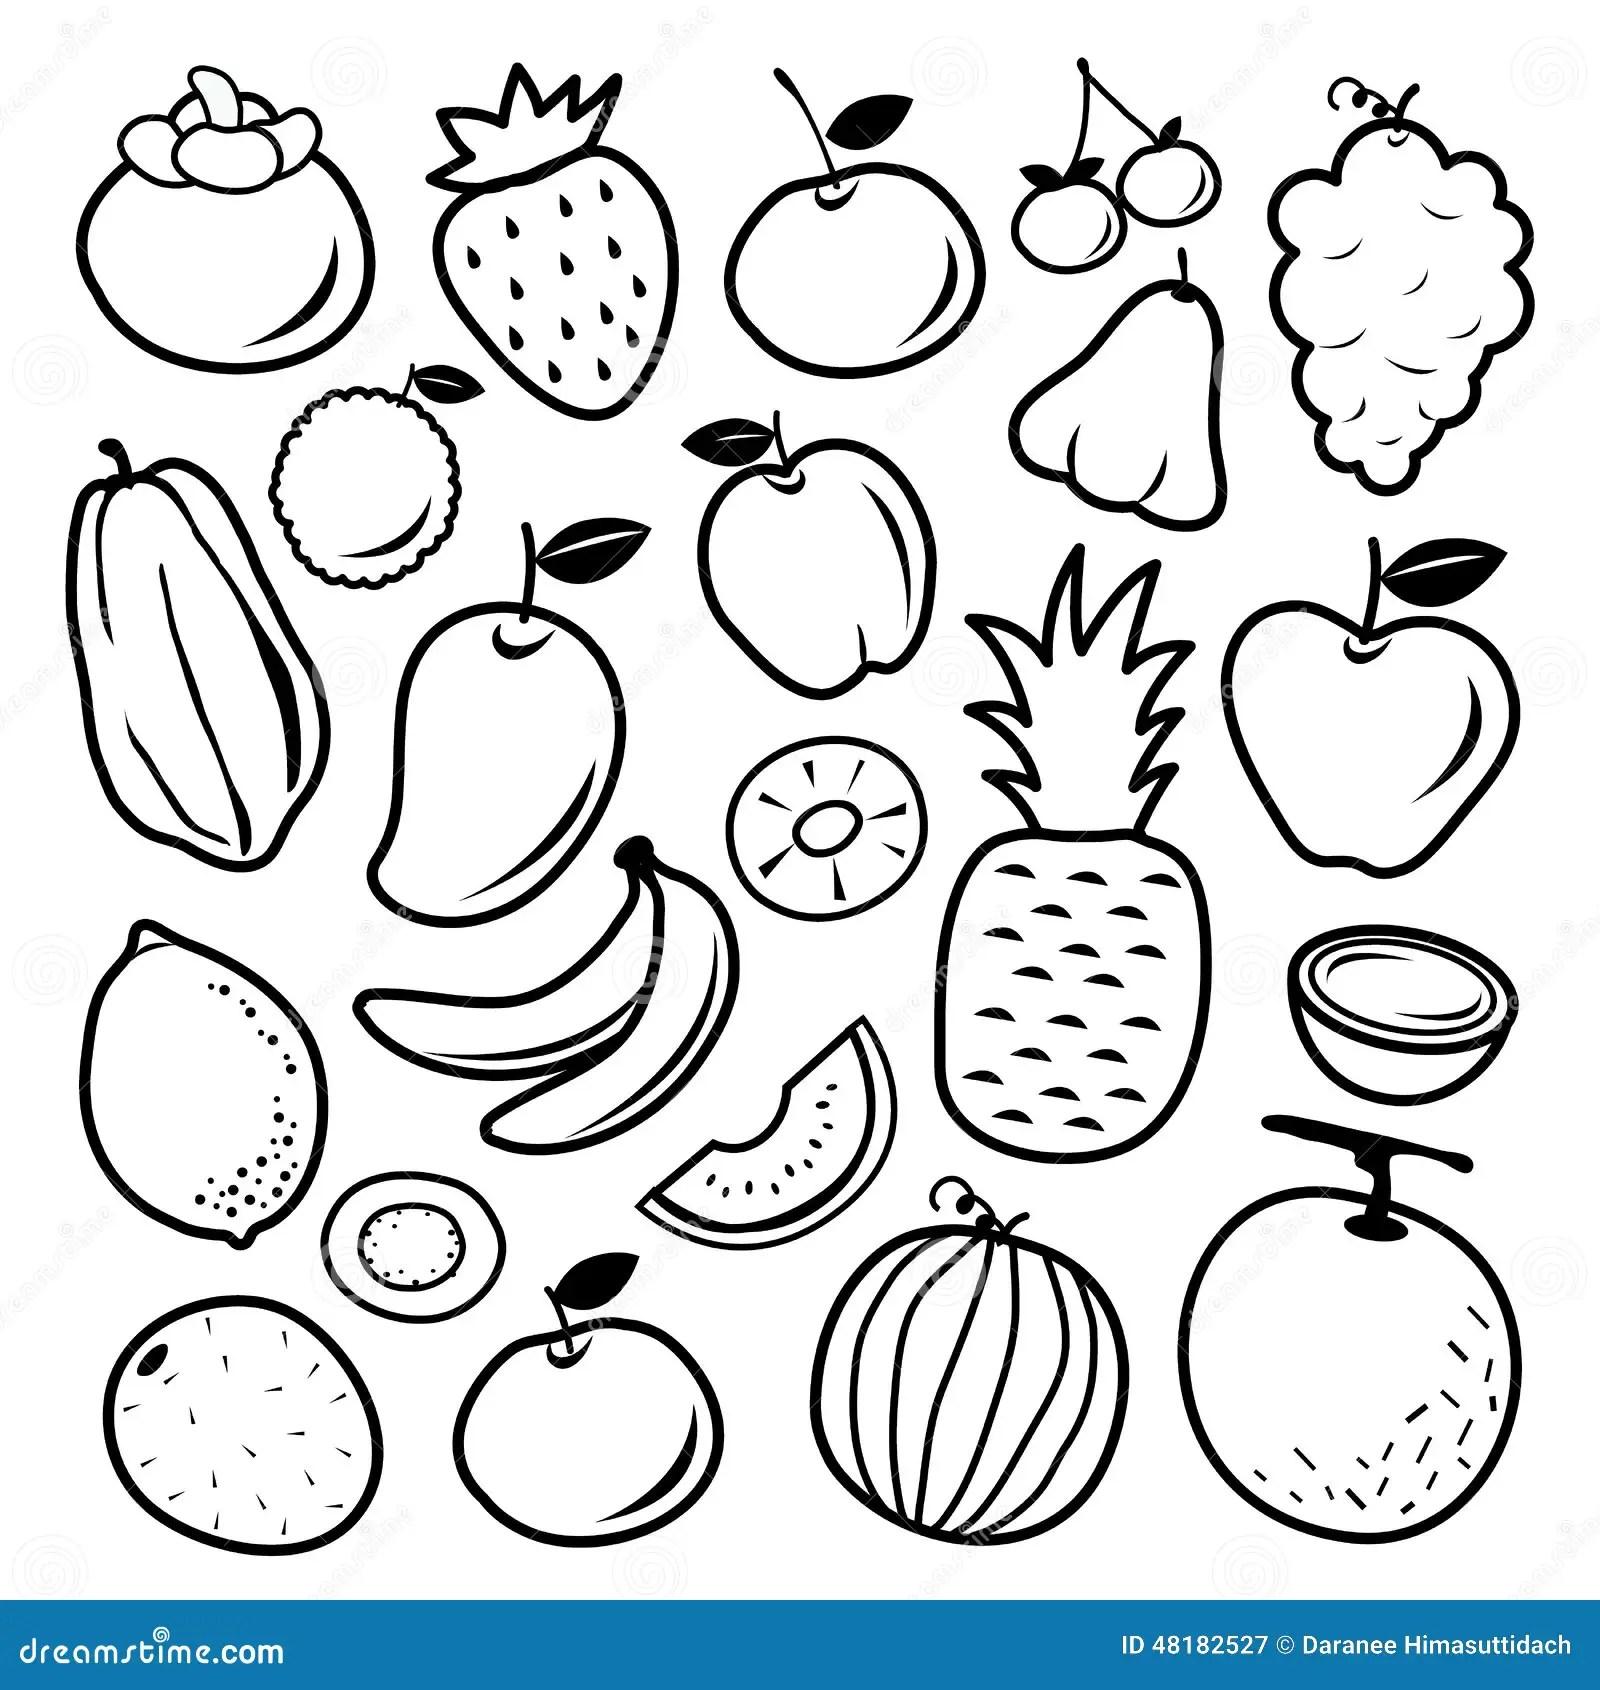 Fruit Cartoon Black Icon Design Vector Stock Vector